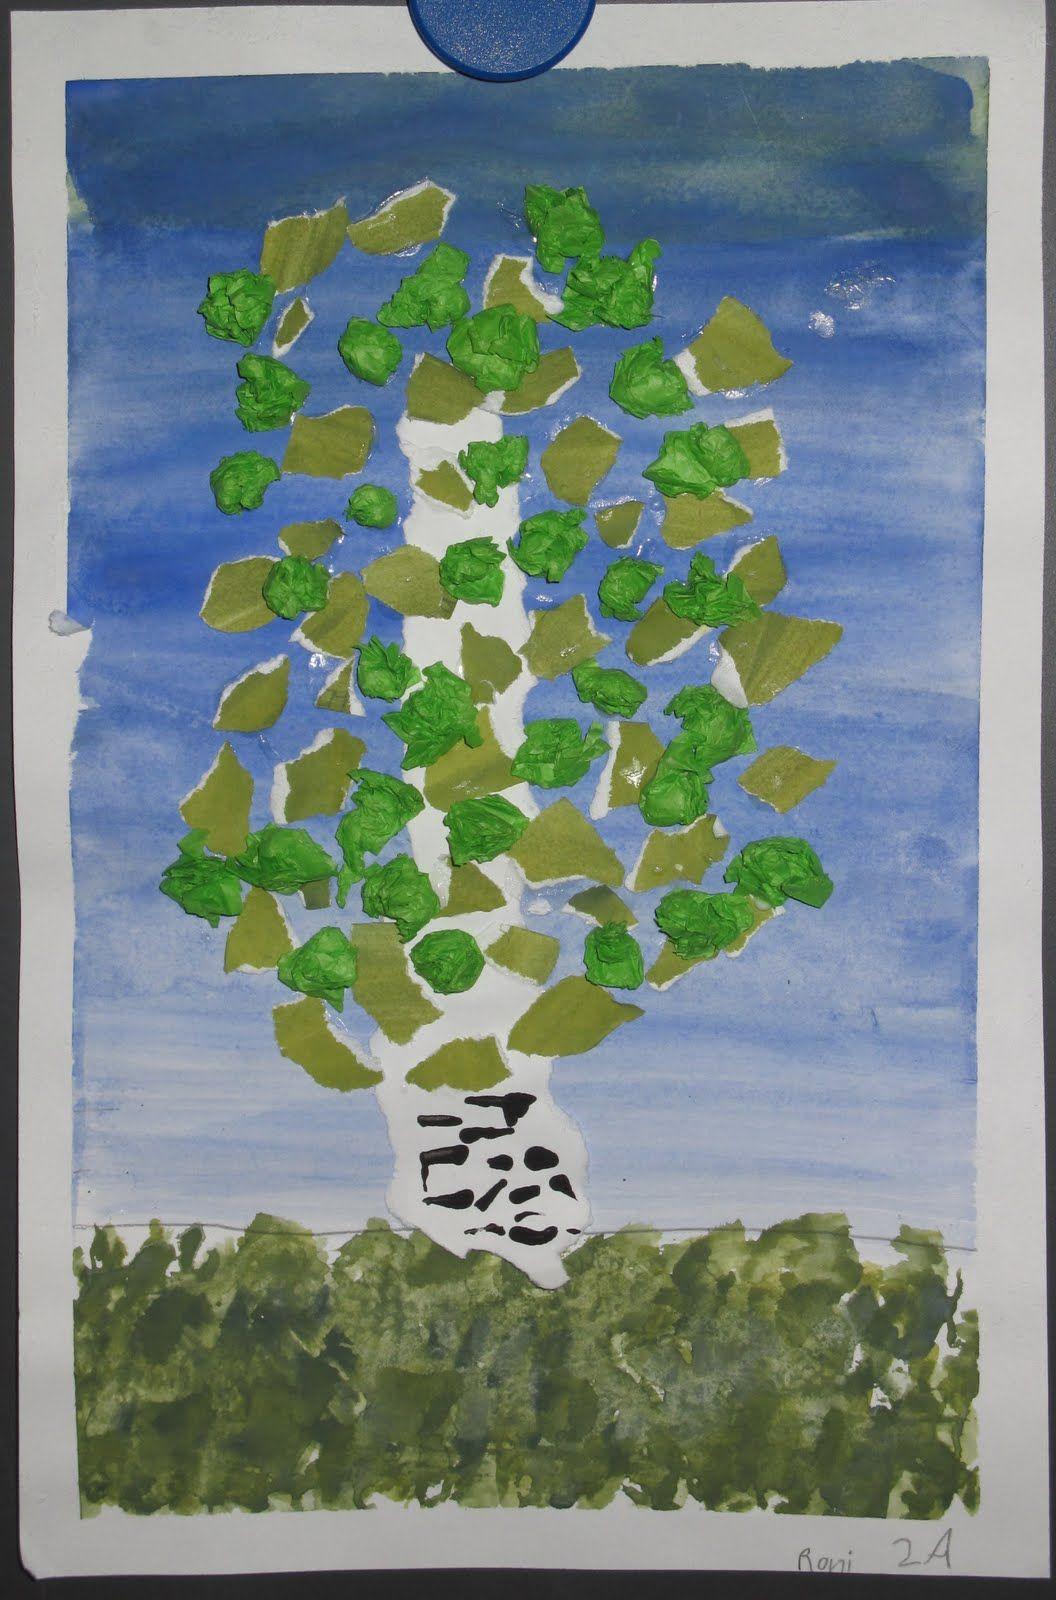 Sari-opettaja oli loihtinut luokkaansa koivumetsätunnelmaa... (opettaja Sari Kulmala ja 2A, 2010)    Värikkäät perhoset (nokkos-, neito-, ...